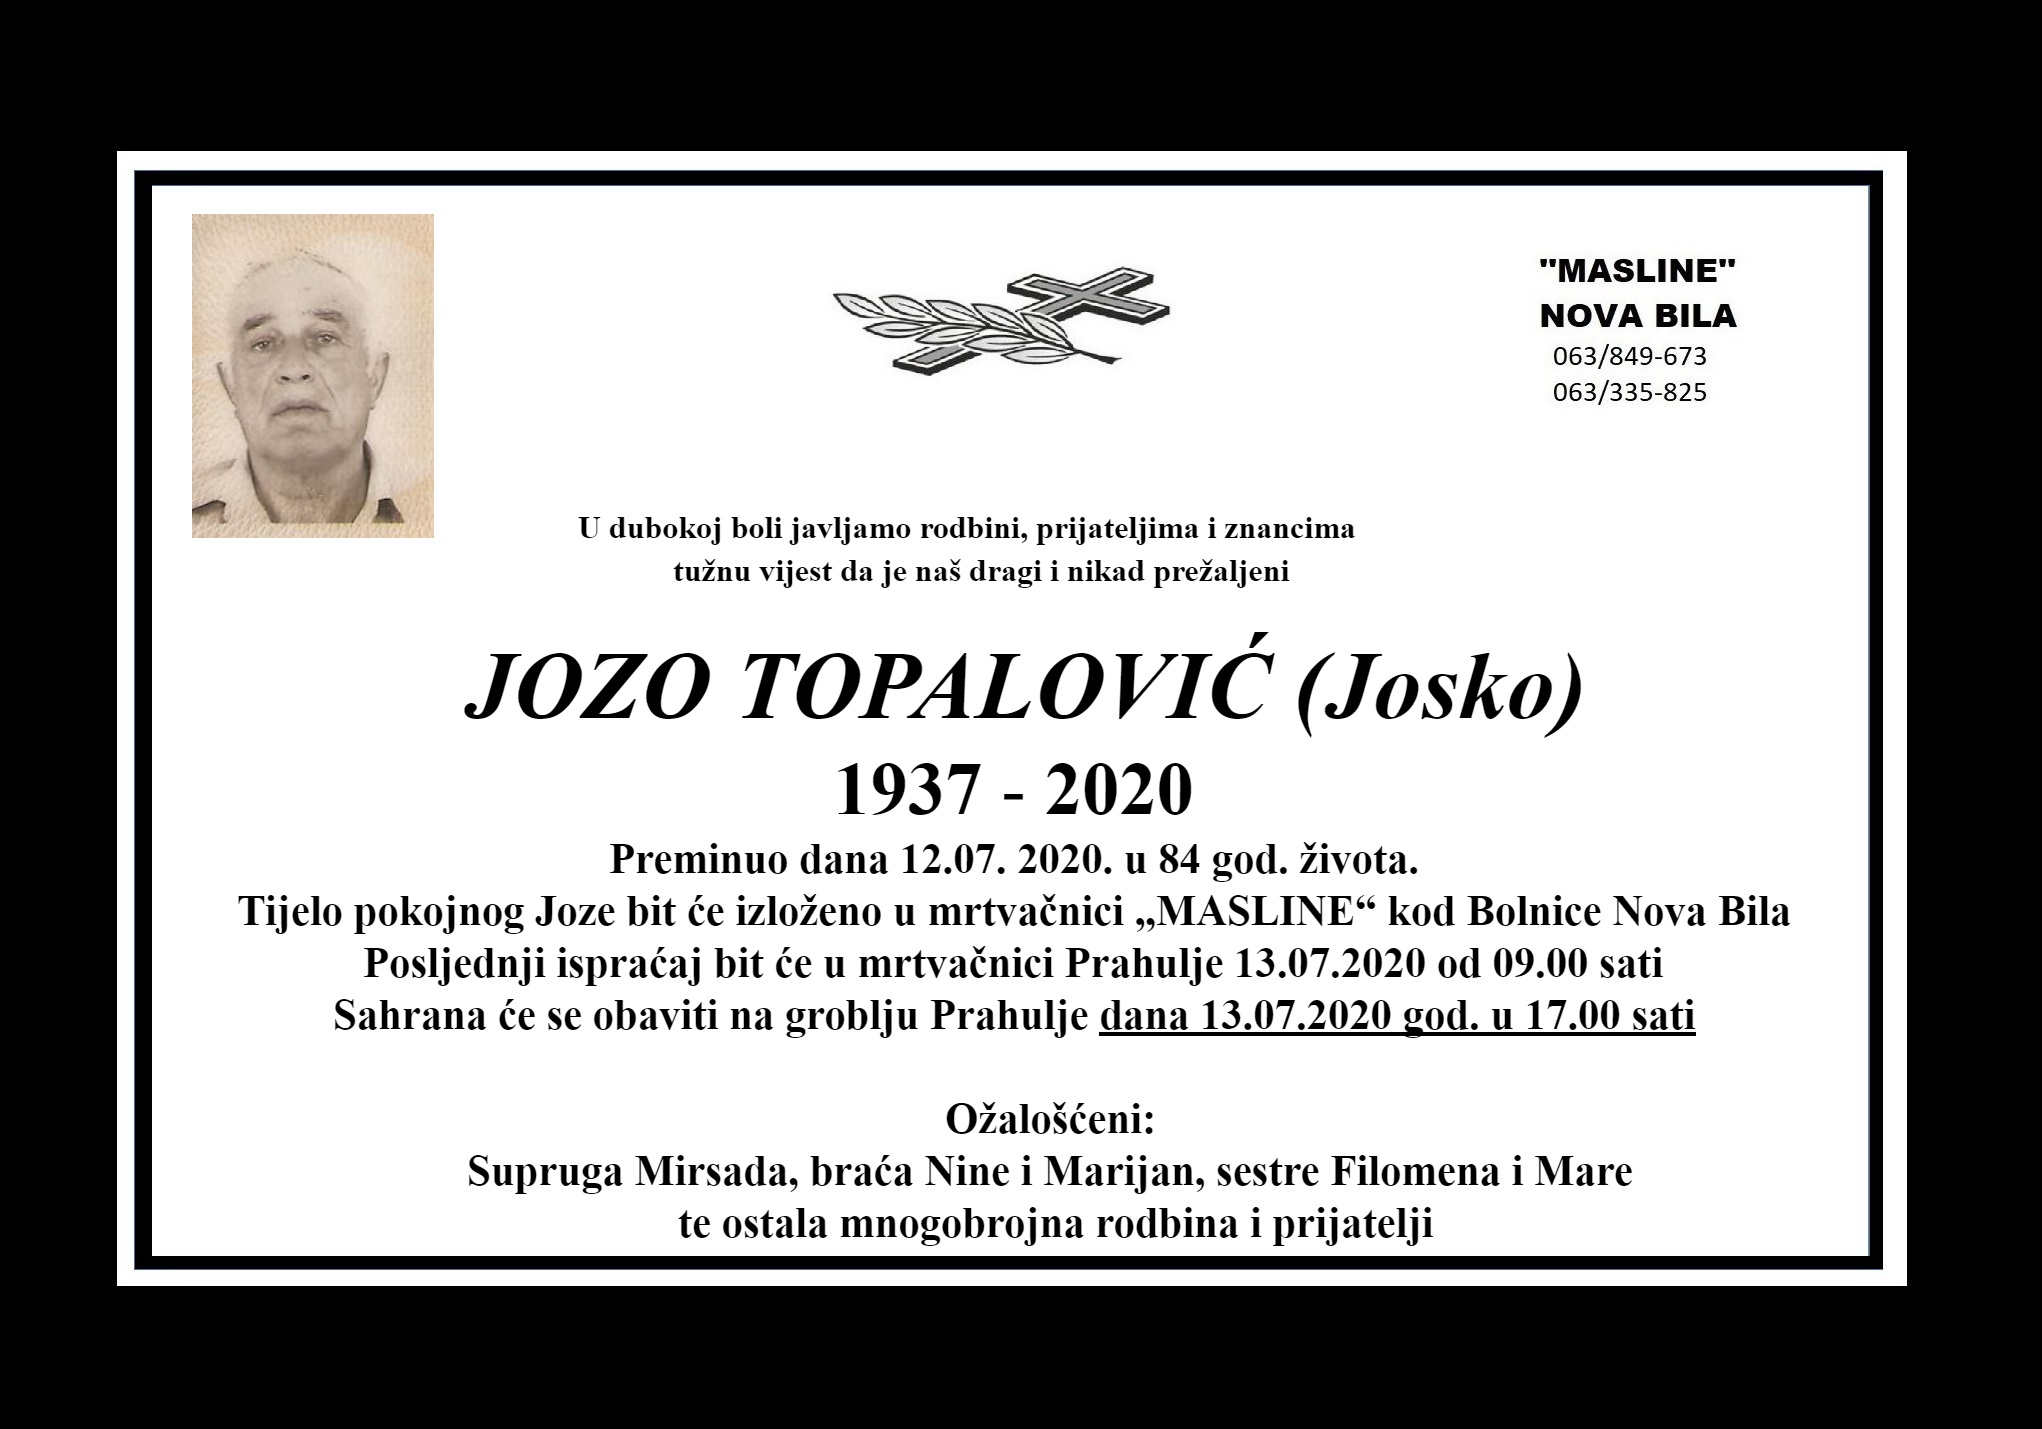 Jozo Topalović (Josko)